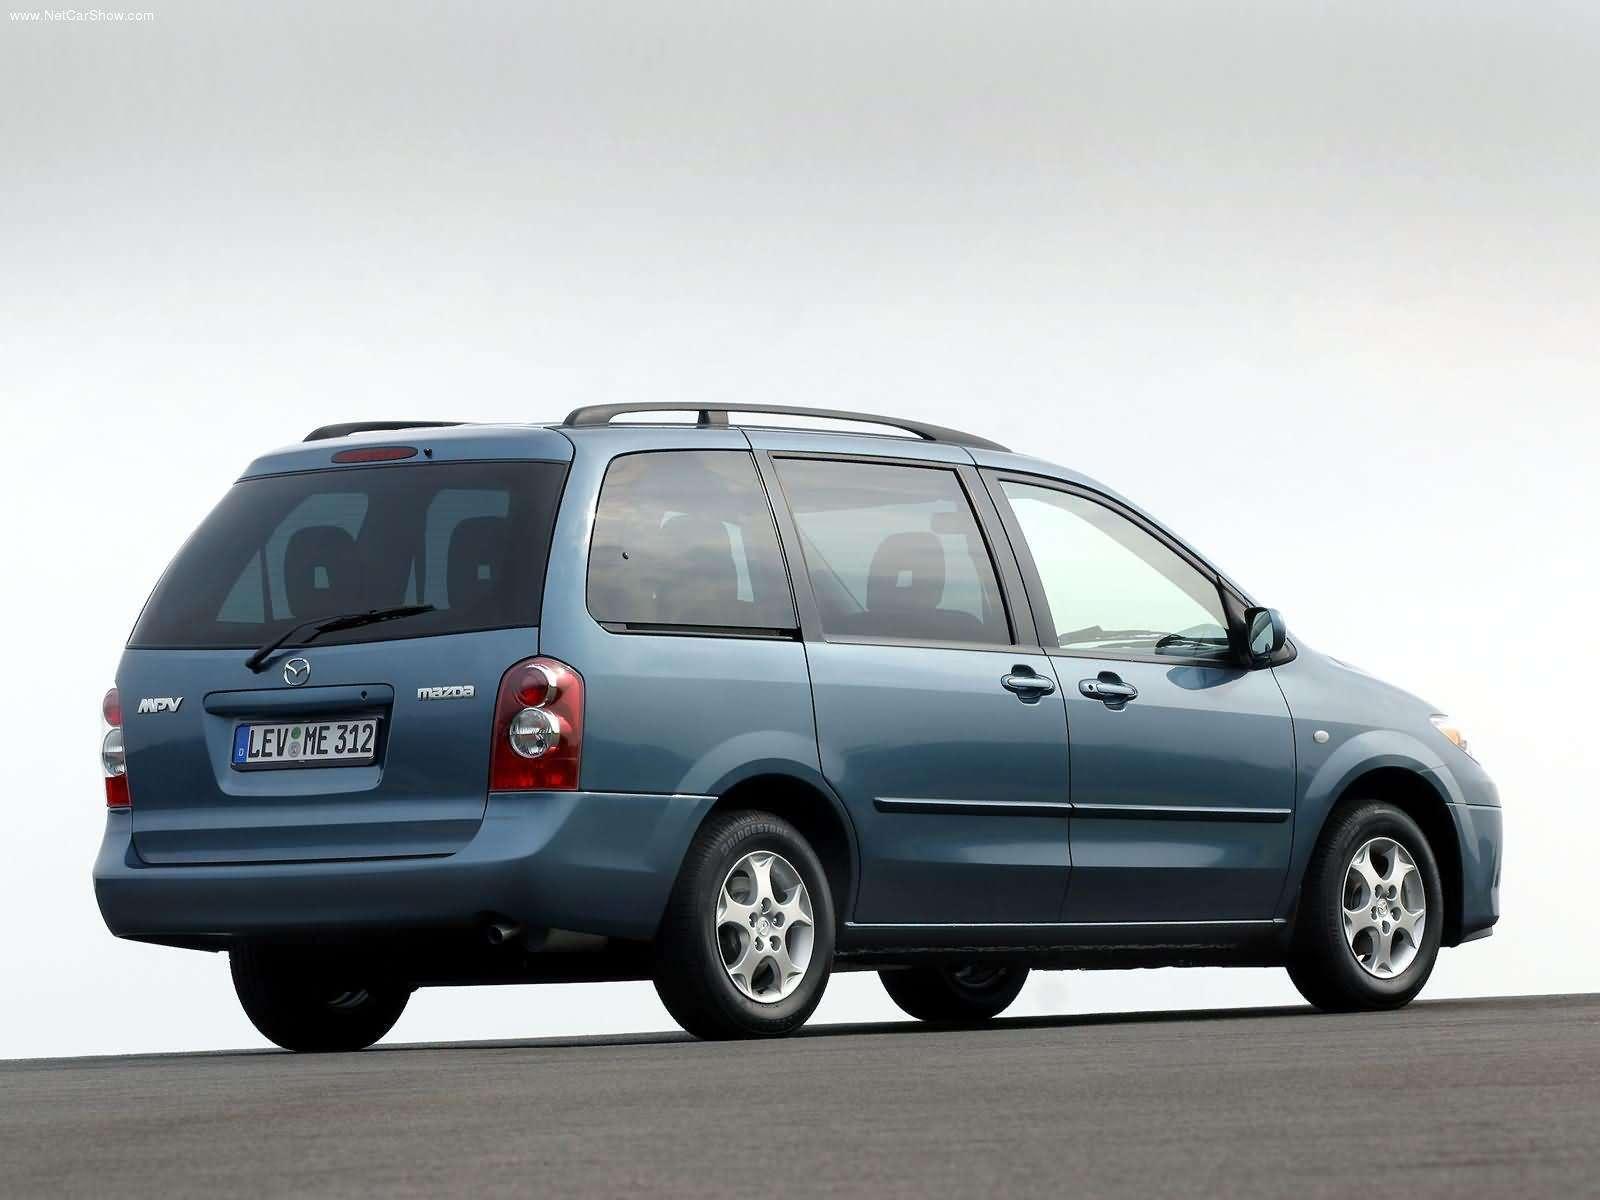 Mazda Mpv Photos Photogallery With 28 Pics Carsbase Com